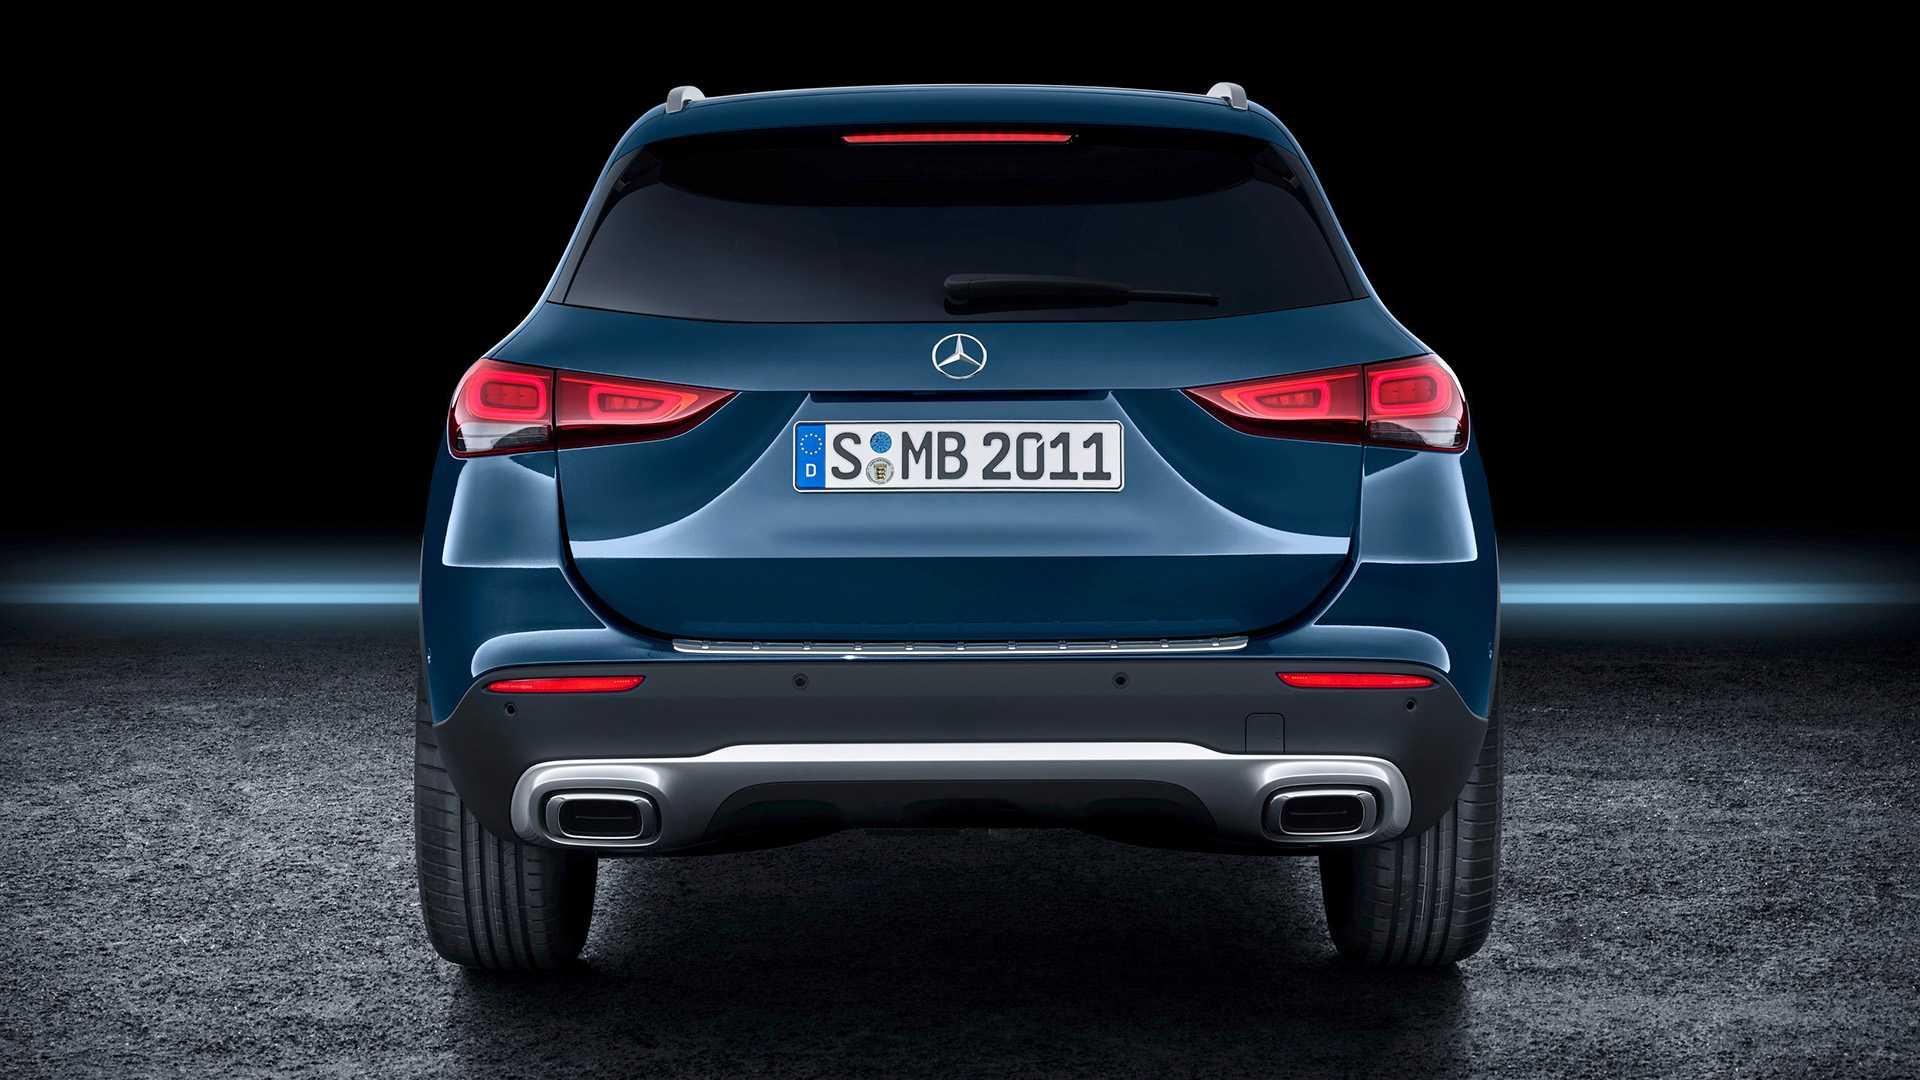 Ra mắt Mercedes-Benz GLA 2021 thế hệ mới, nhiều cải tiến đáng chú ý - 06